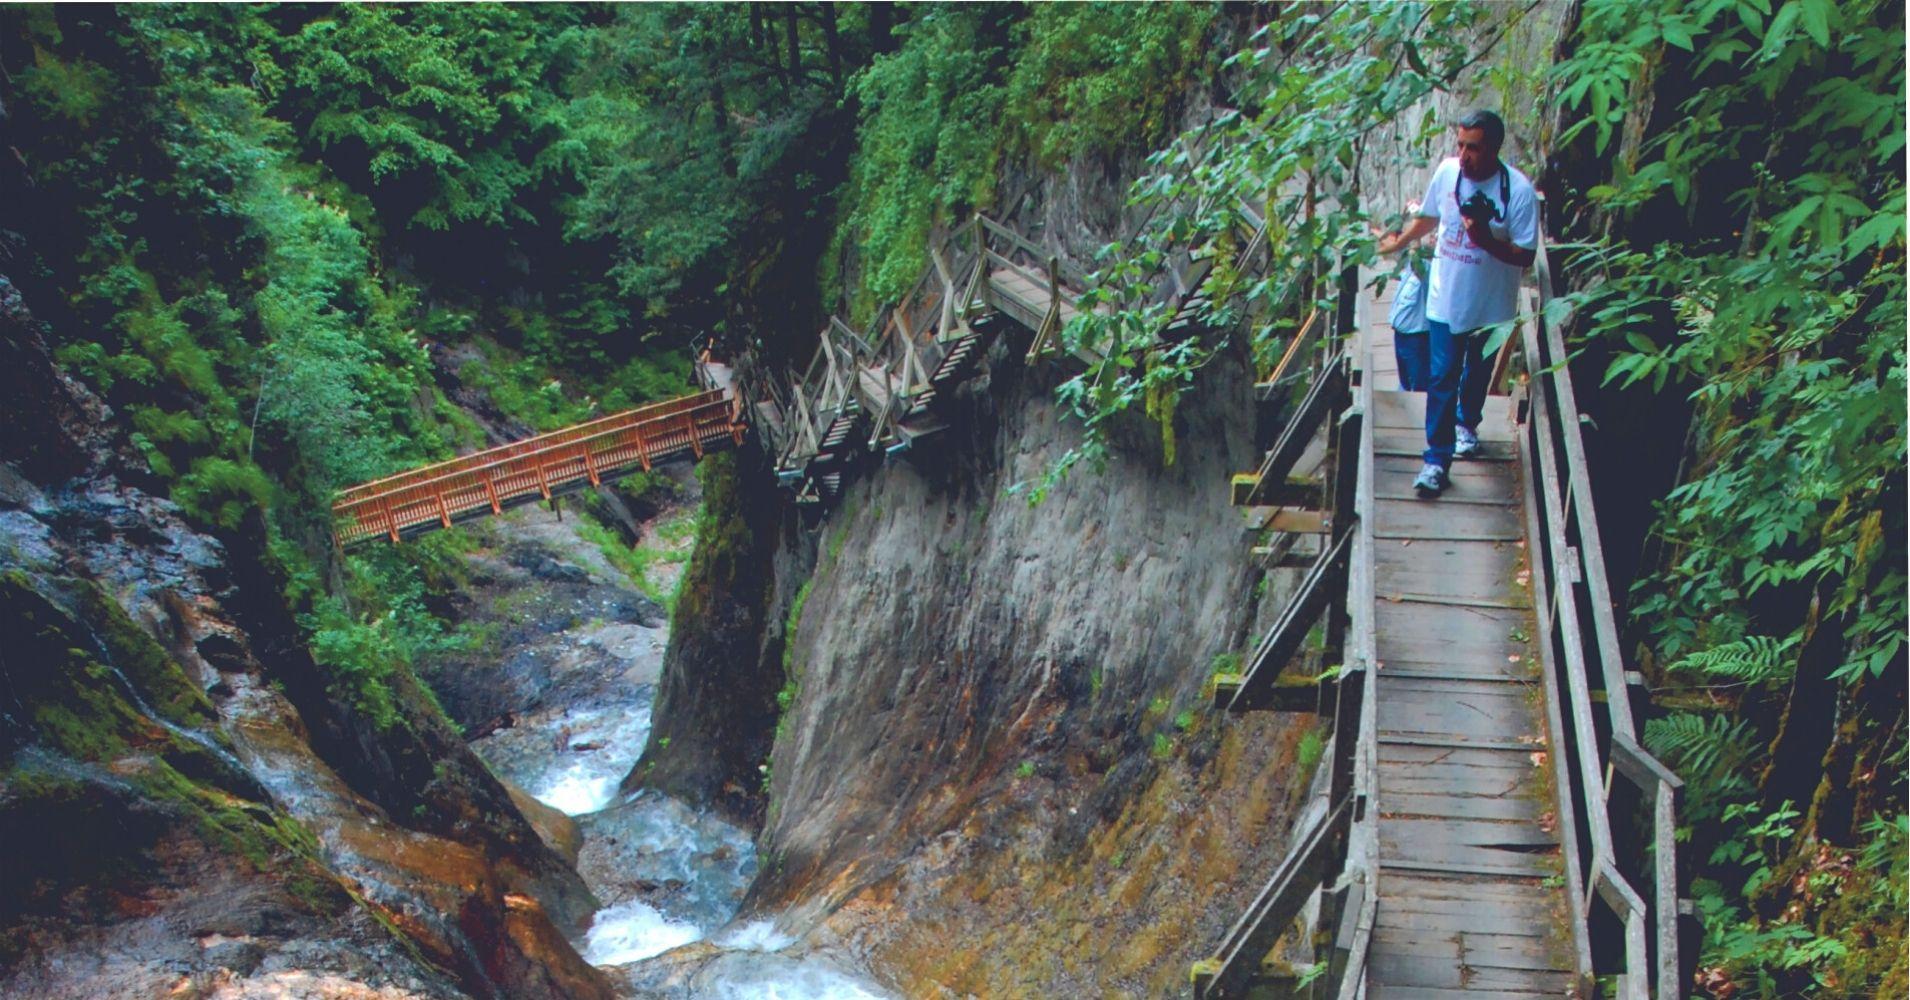 Gorges du Durnand. Les Valettes en Valais. Suiza.